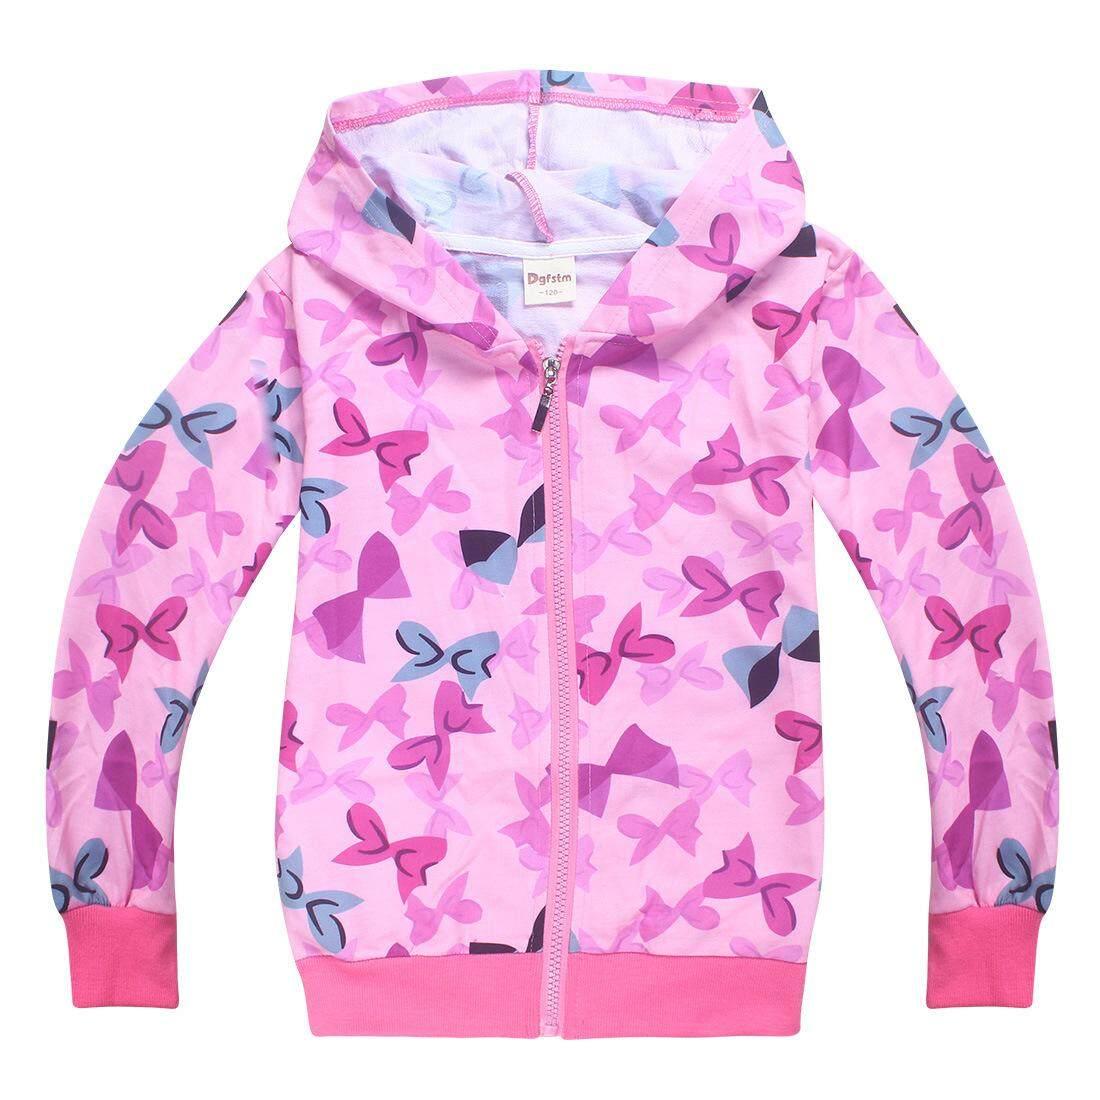 Aijia Perempuan Cardigan Pakaian Luar Jaket Wanita Pakaian Anak-anak Sweater Anak-anak Jaket untuk Usia 4-12 Tahun